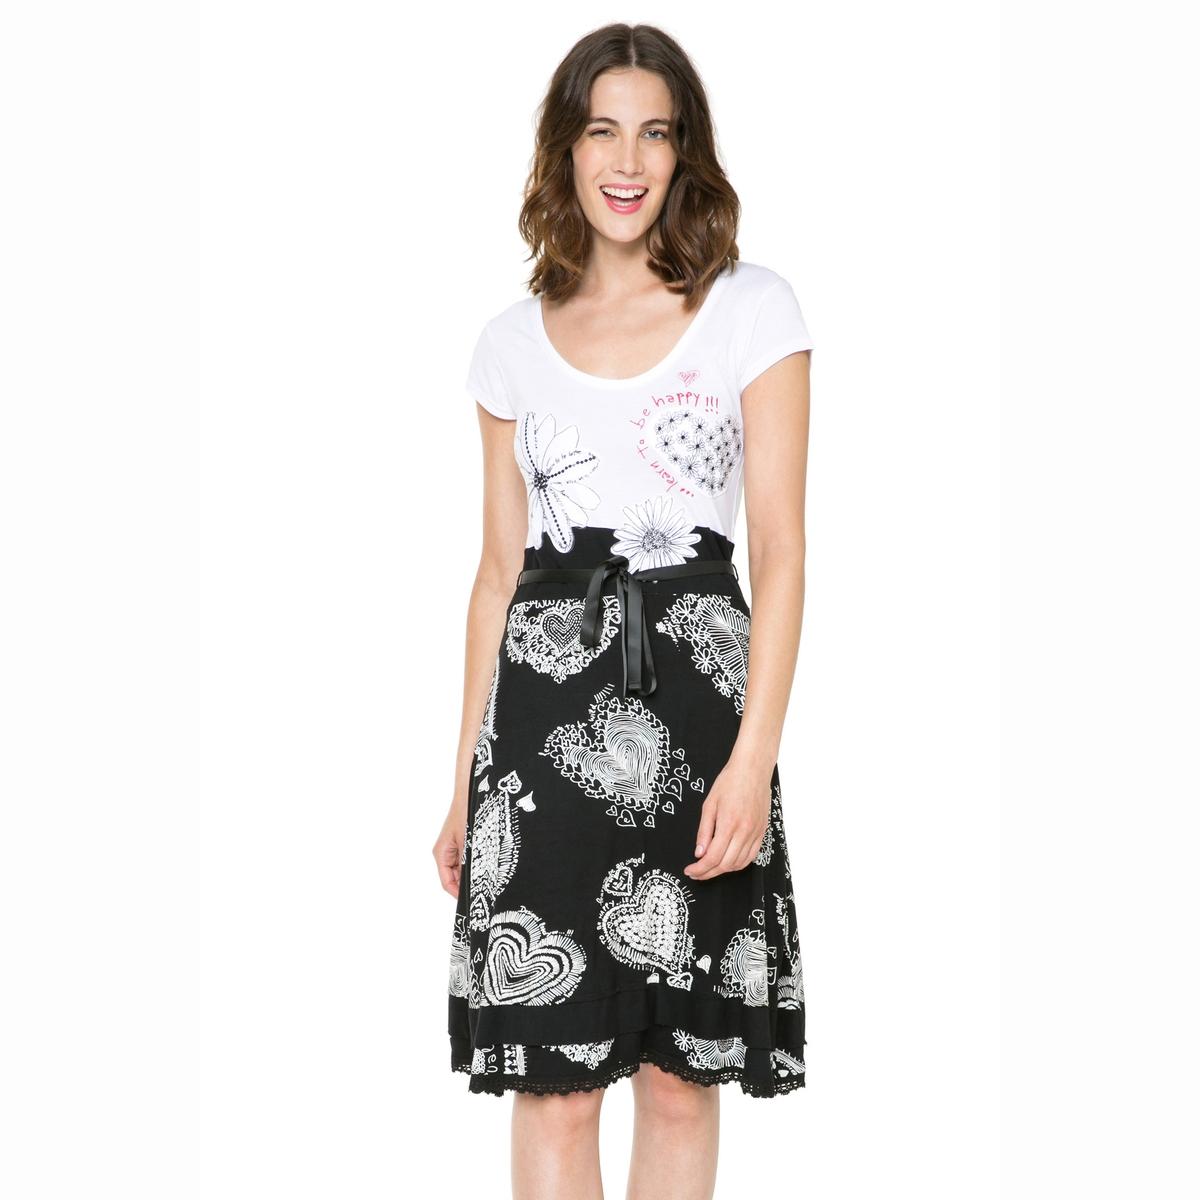 Платье с короткими рукавами, на поясе, двухцветное DESIGUAL, Vest Roxana millimeter wave analog to digital converters